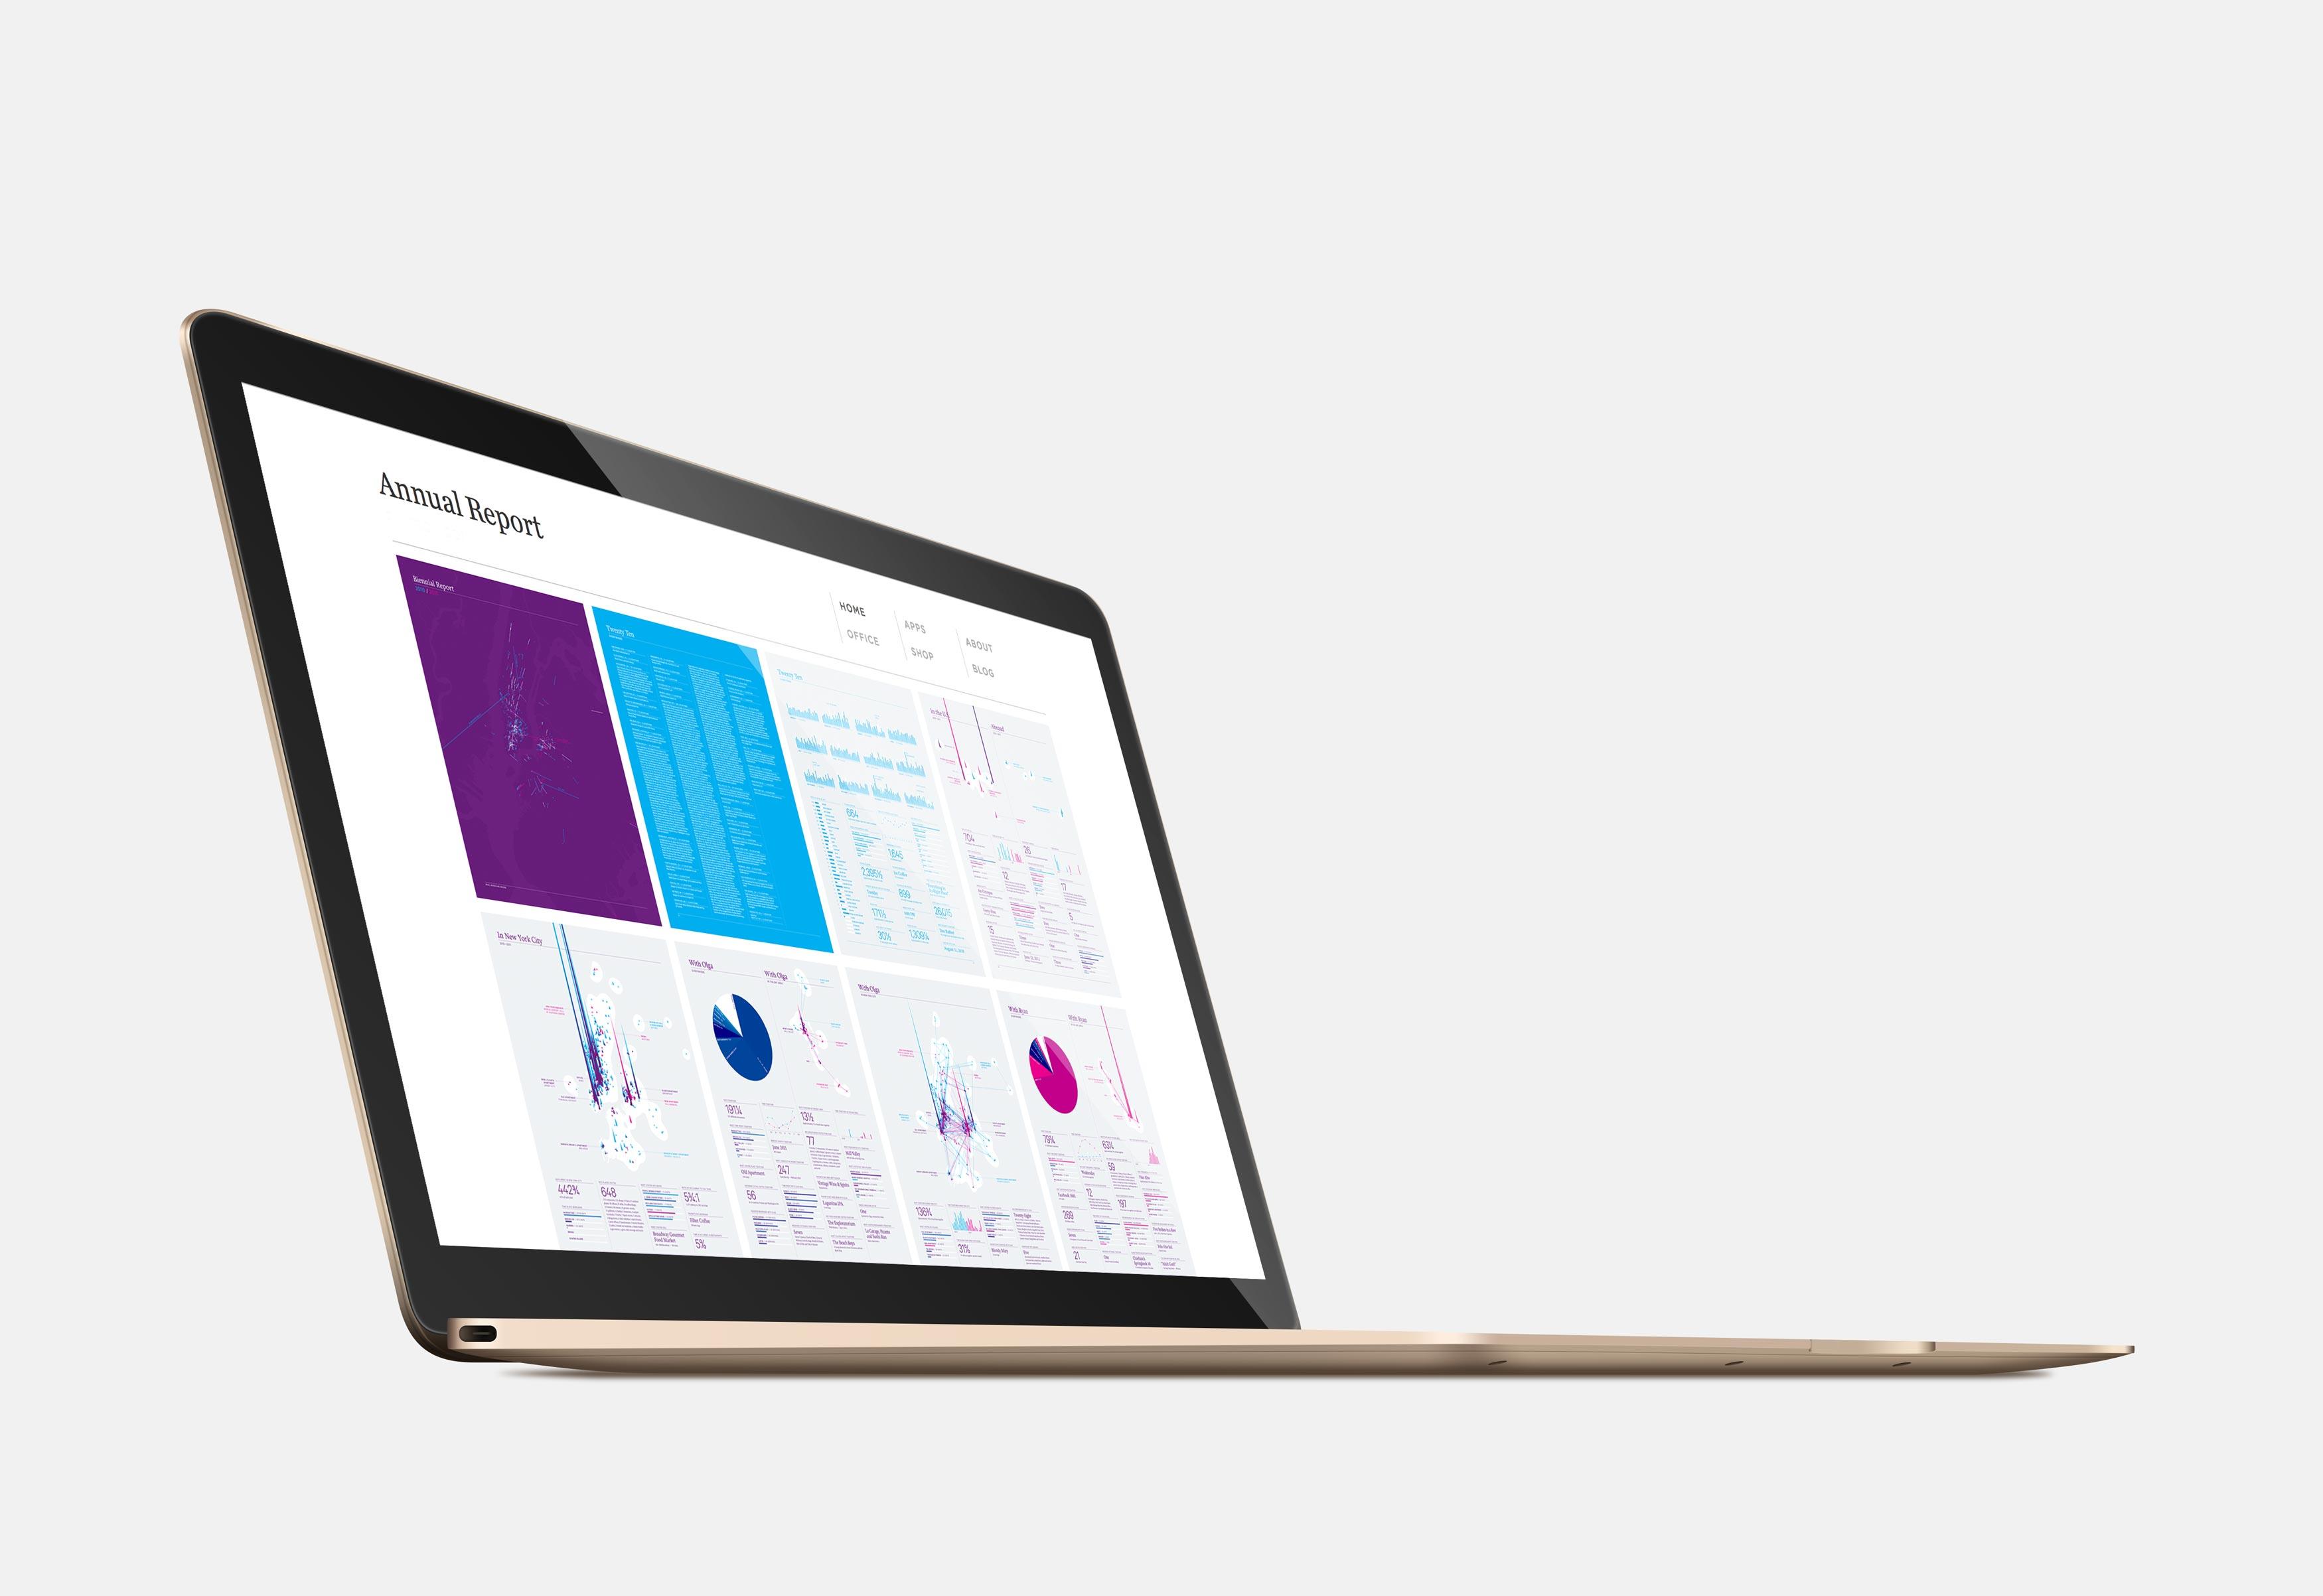 Online Report versus Corporate Website